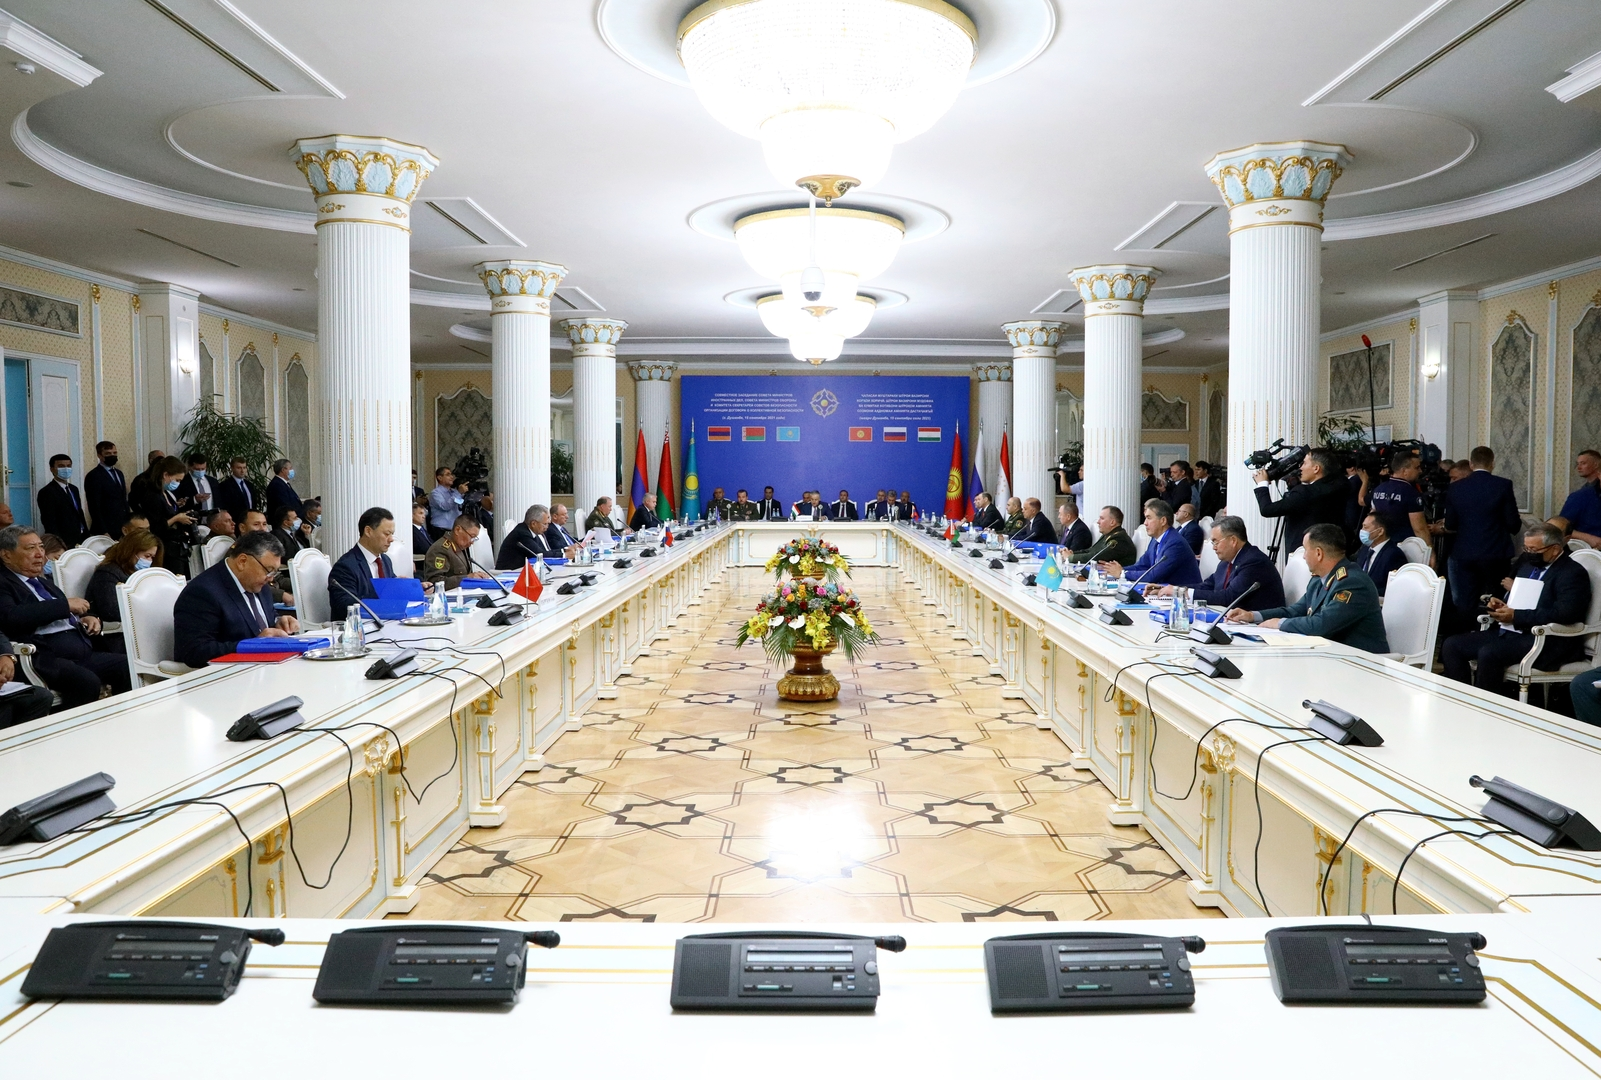 وزراء خارحية ودفاع منظمة معاهدة الأمن الجماعي يناقشون تطورات الوضع في أفغانستان